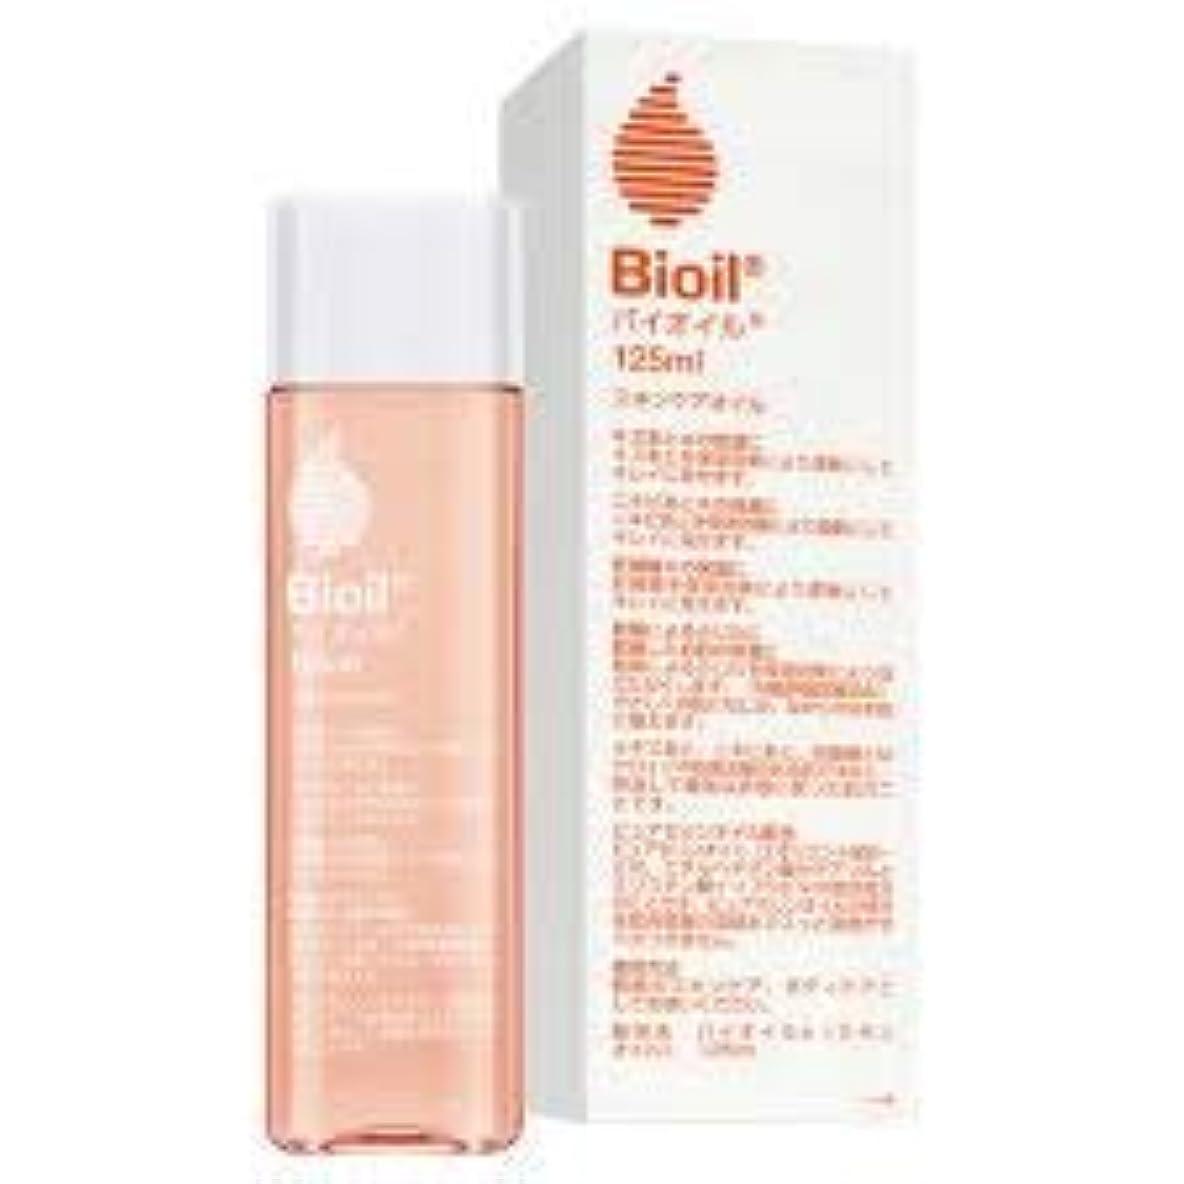 離れて途方もないすきバイオイル Bioil 125ml (小林製薬)